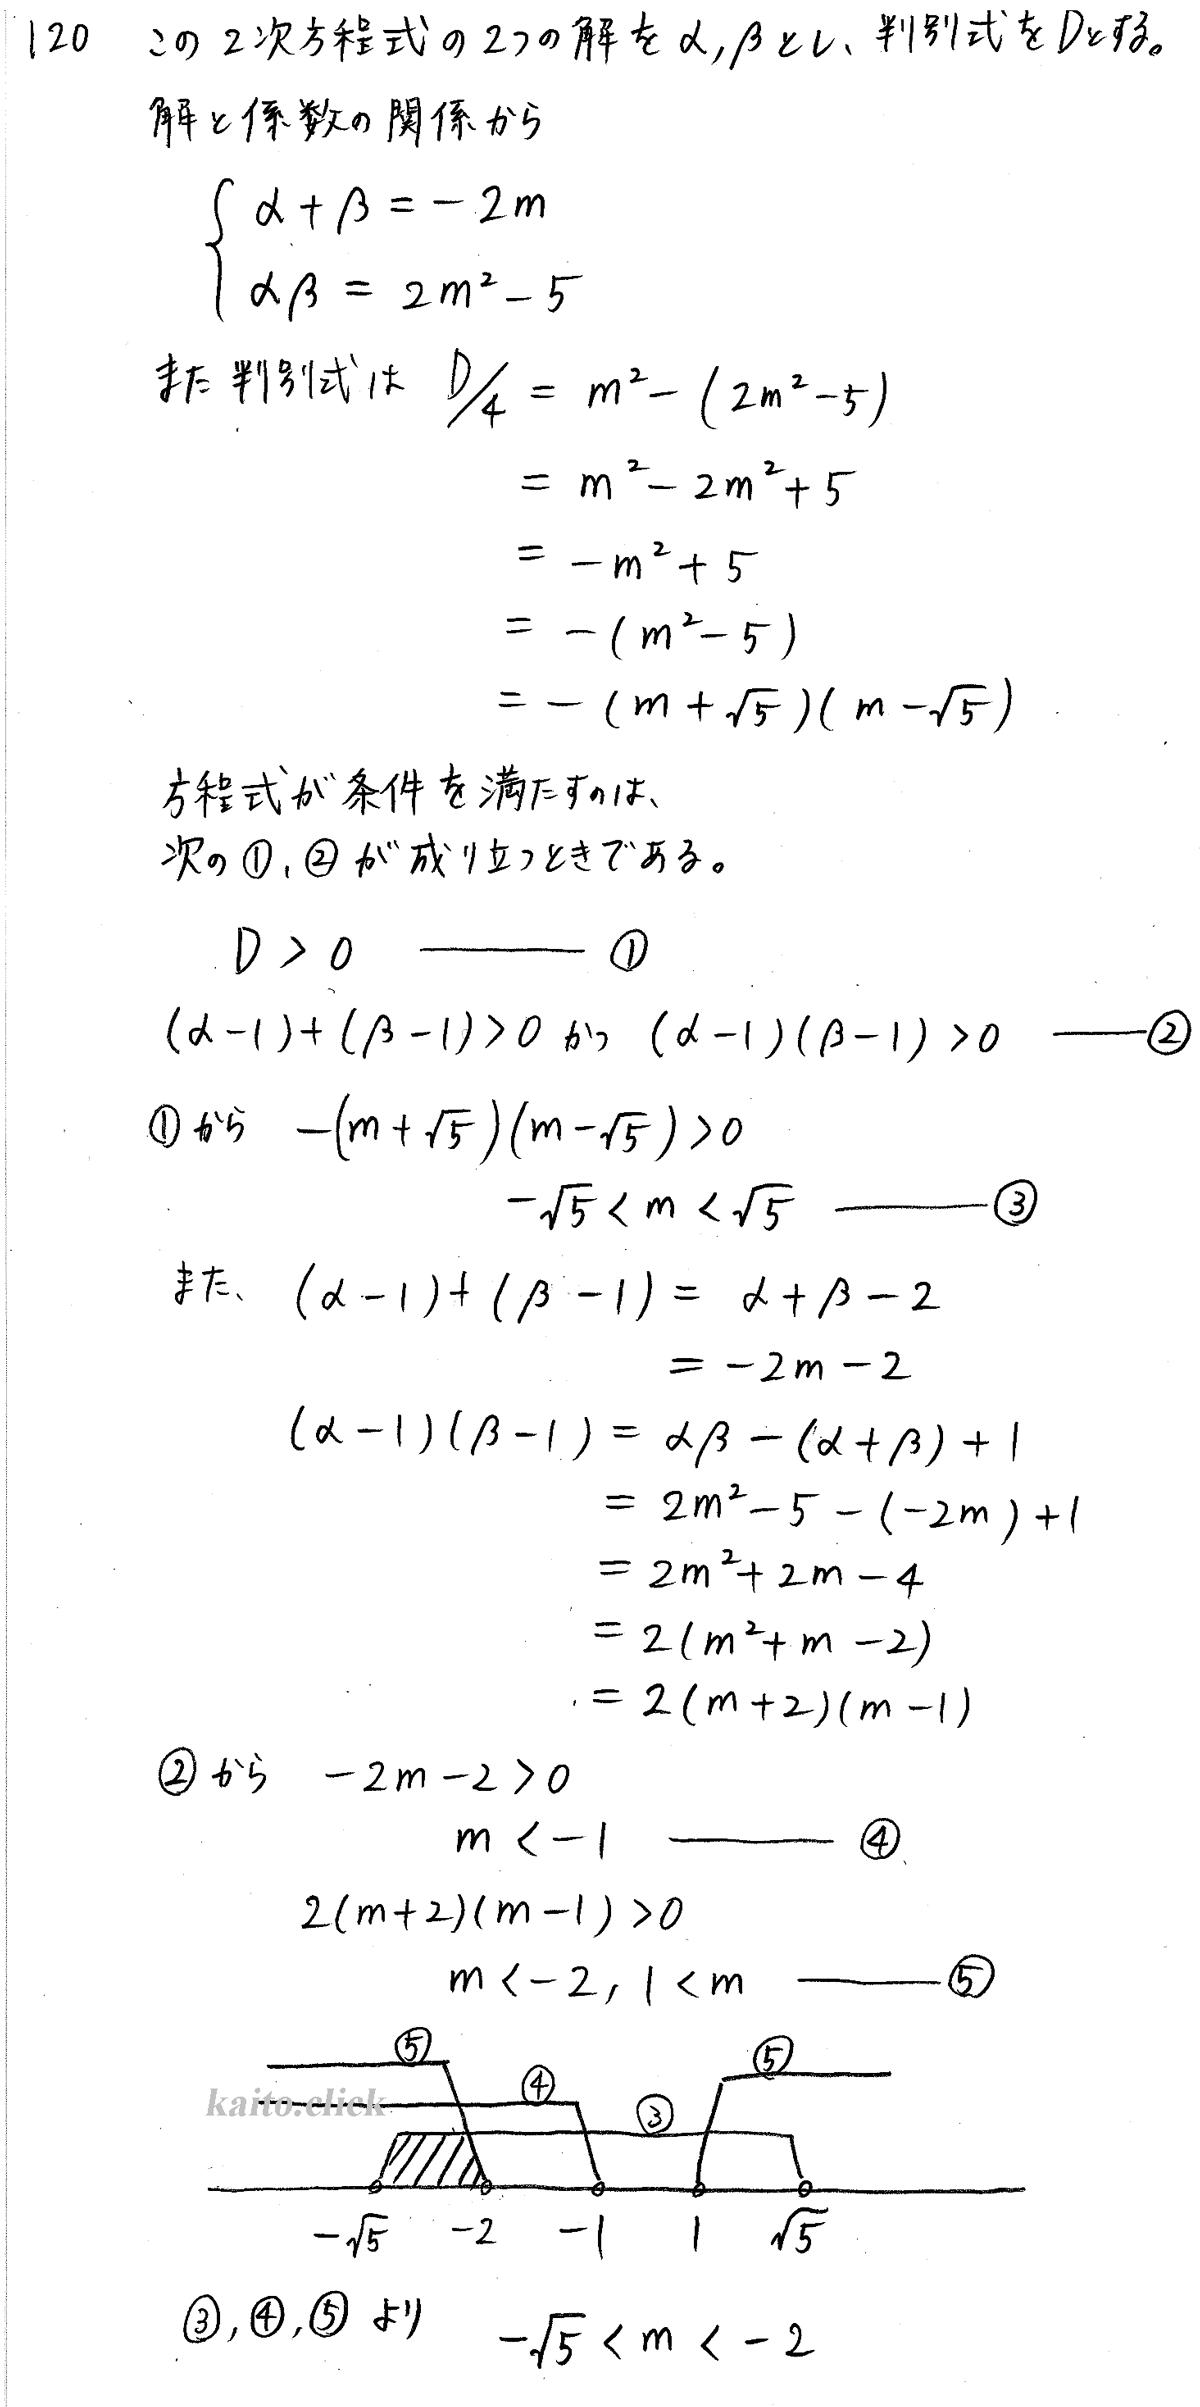 クリアー数学2-120解答